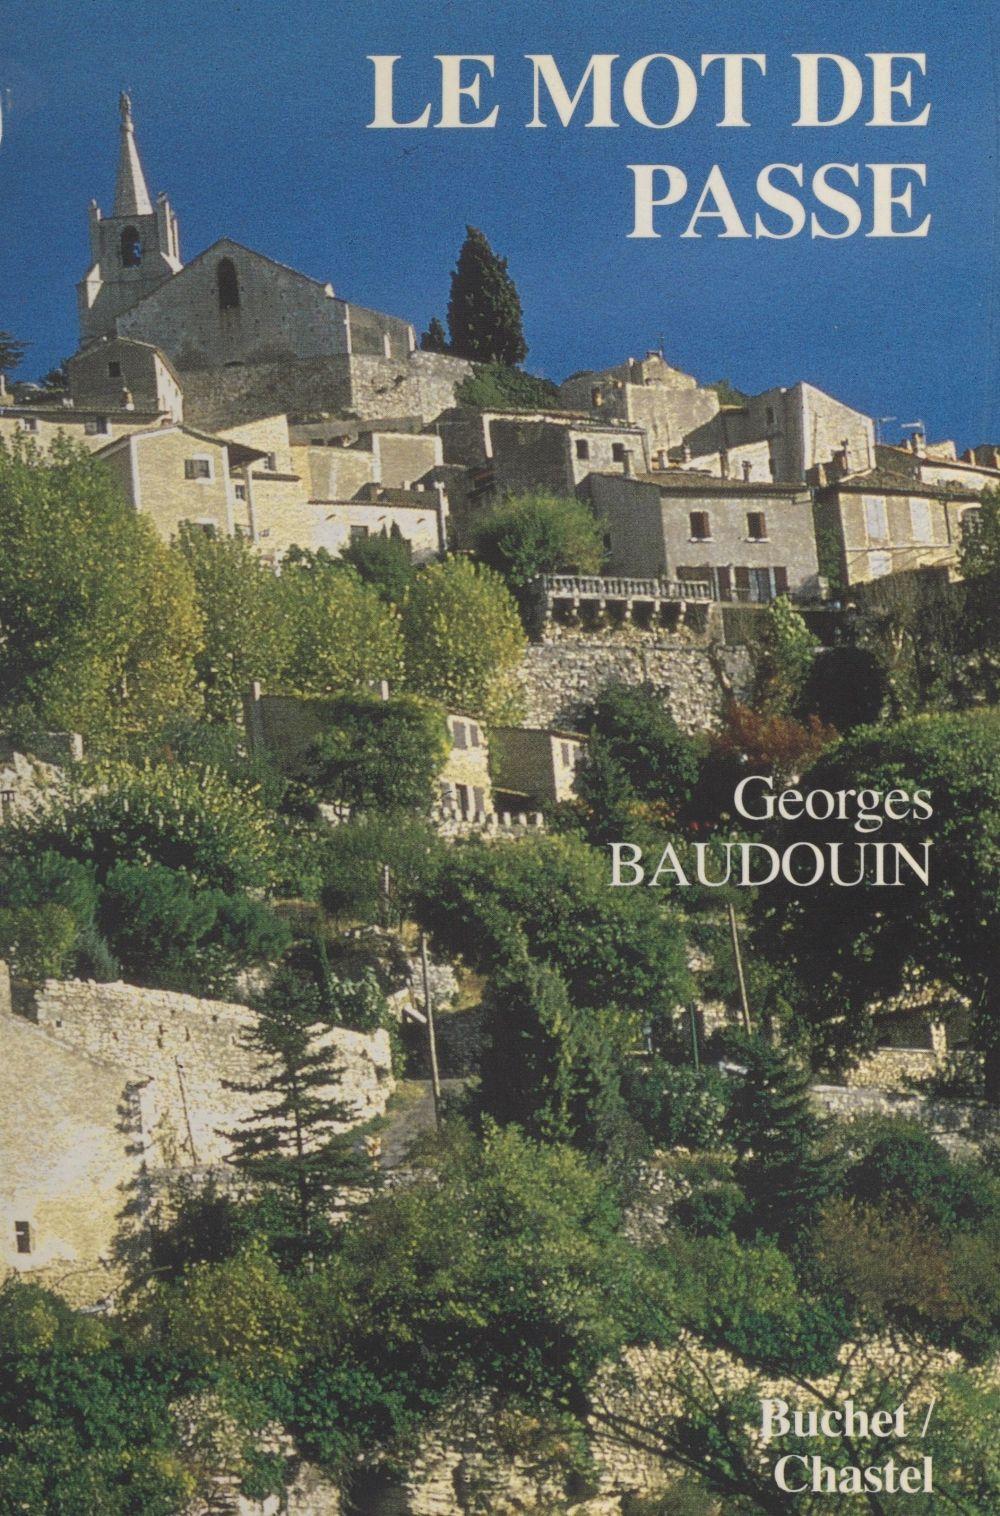 Le mot de passe  - Georges Baudouin